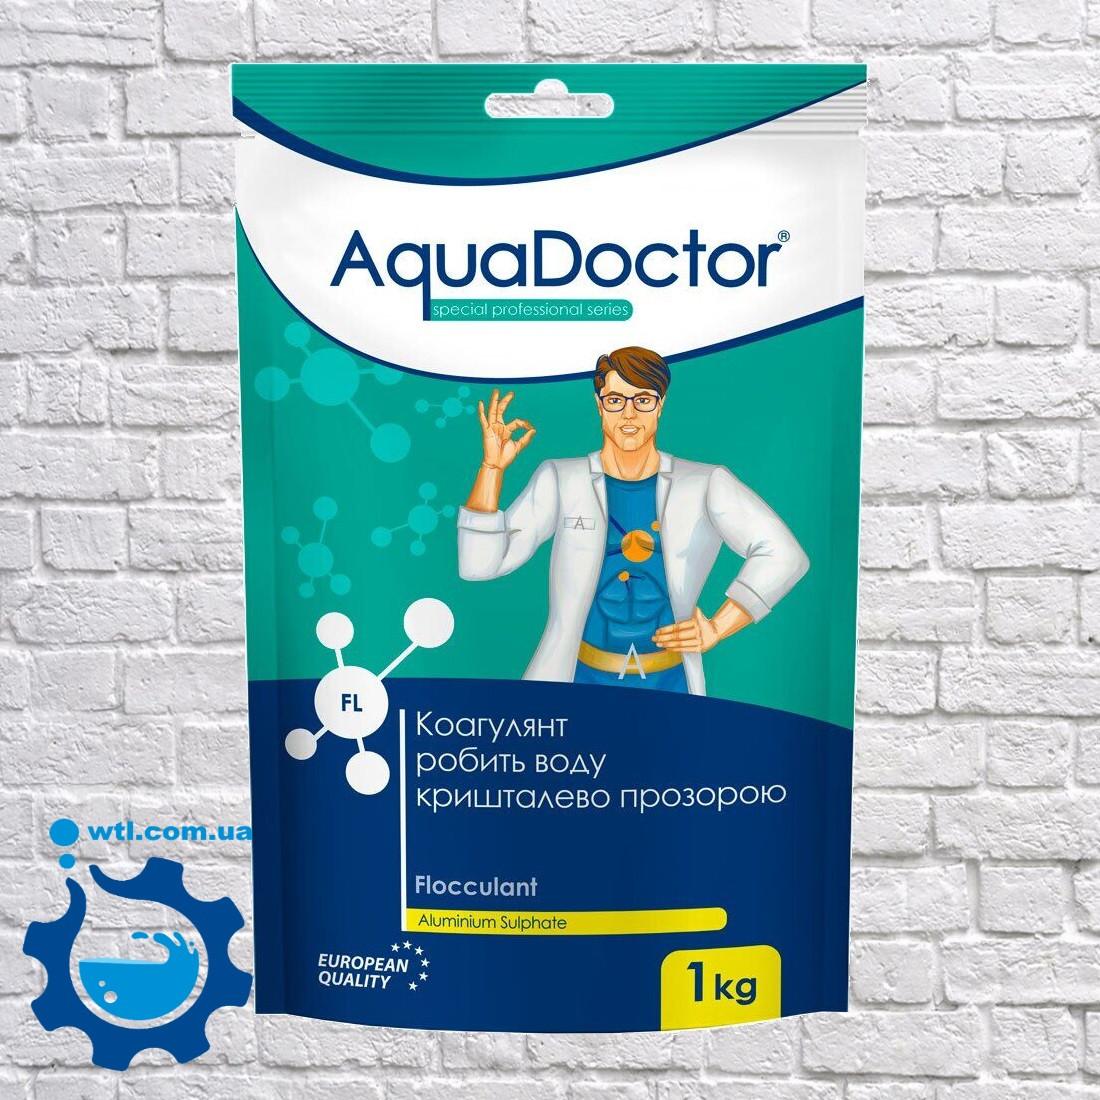 Коагулянт (флокулянт) проти мутності у воді Aquadoctor FL 1 кг порошку Аквадоктор